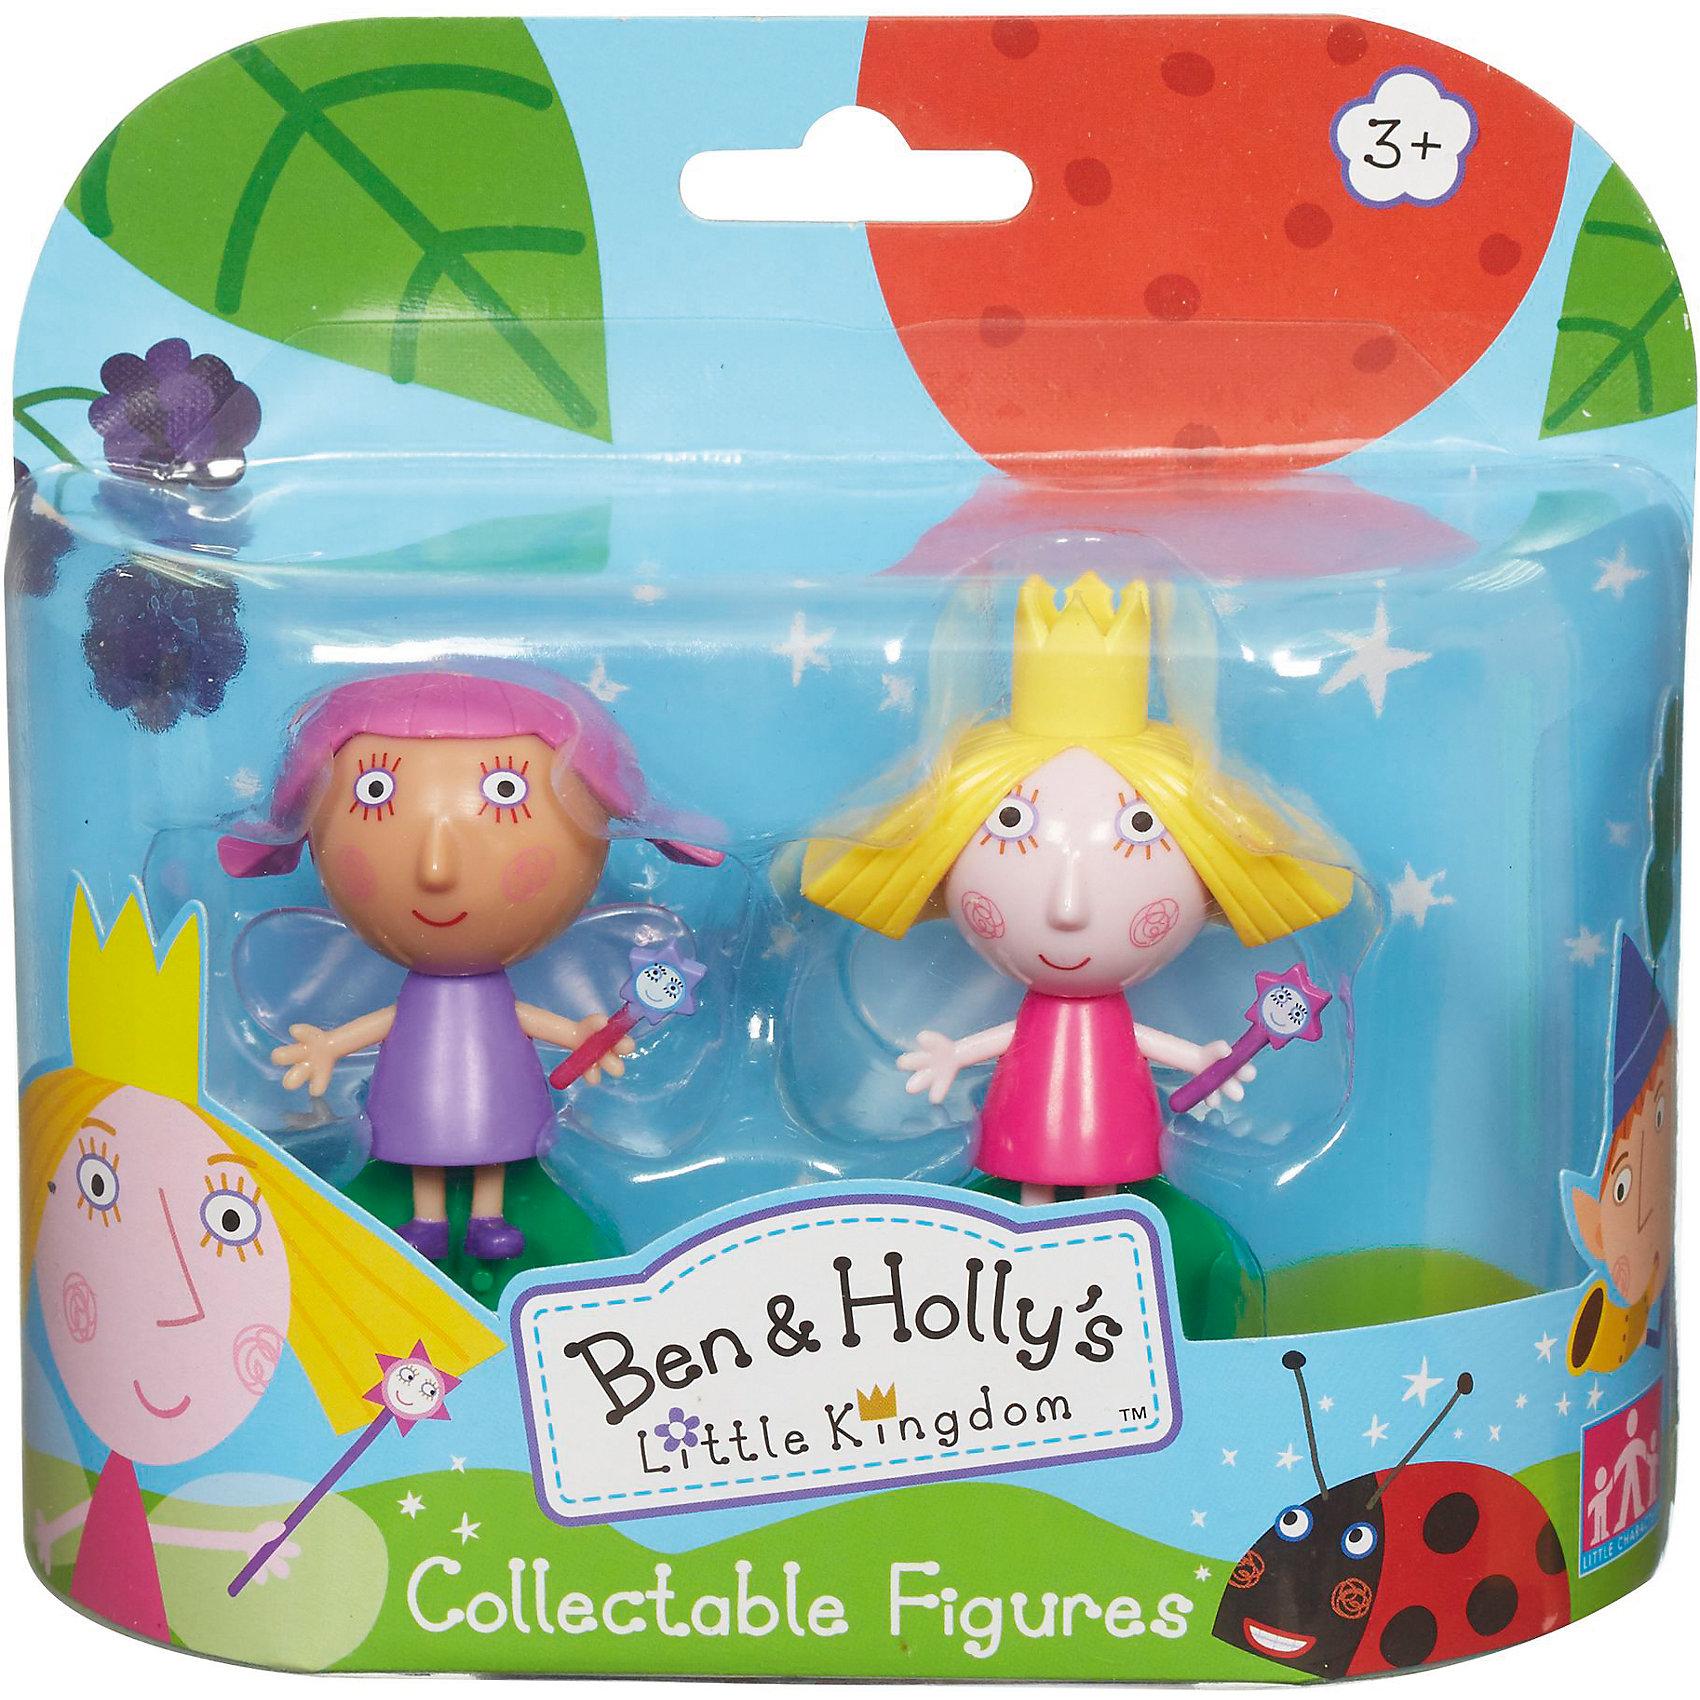 Игровой набор Холли и Вайолет, Бен и ХоллиИгровые наборы с фигуркой<br>Игровой набор Холли и Вайолет приведет в восторг любителей мультика Маленькое королевство Бена и Холли. В наборе есть фигуркиХолли и Вайолет с подвижными деталями. Благодаря двигающимся рукам и ногам героев, с ними можно придумать множество игр, тем более, чтоб малышам нужно будет активнее задействовать пальчики и творческое мышление!<br>Набор сделан из высококачественного пластика, который безопасен для малышей. Набор яркий, очень симпатично смотрится. Он будет отличным подарком ребенку! Подобные игрушки отлично помогают развитию у детей воображения и моторики.<br><br>Дополнительная информация:<br><br>цвет: разноцветный;<br>материал: пластик;<br>комплектация: фигурки Холли и Вайолет;<br>размер фигурки: 6 см;<br>размер упаковки: 14,5 х 15,5 х 5 см.<br><br>Игровой набор Холли и Вайолет от бренда Бен и Холли можно приобрести в нашем интернет-магазине.<br><br>Ширина мм: 145<br>Глубина мм: 155<br>Высота мм: 50<br>Вес г: 118<br>Возраст от месяцев: 36<br>Возраст до месяцев: 2147483647<br>Пол: Унисекс<br>Возраст: Детский<br>SKU: 4970300